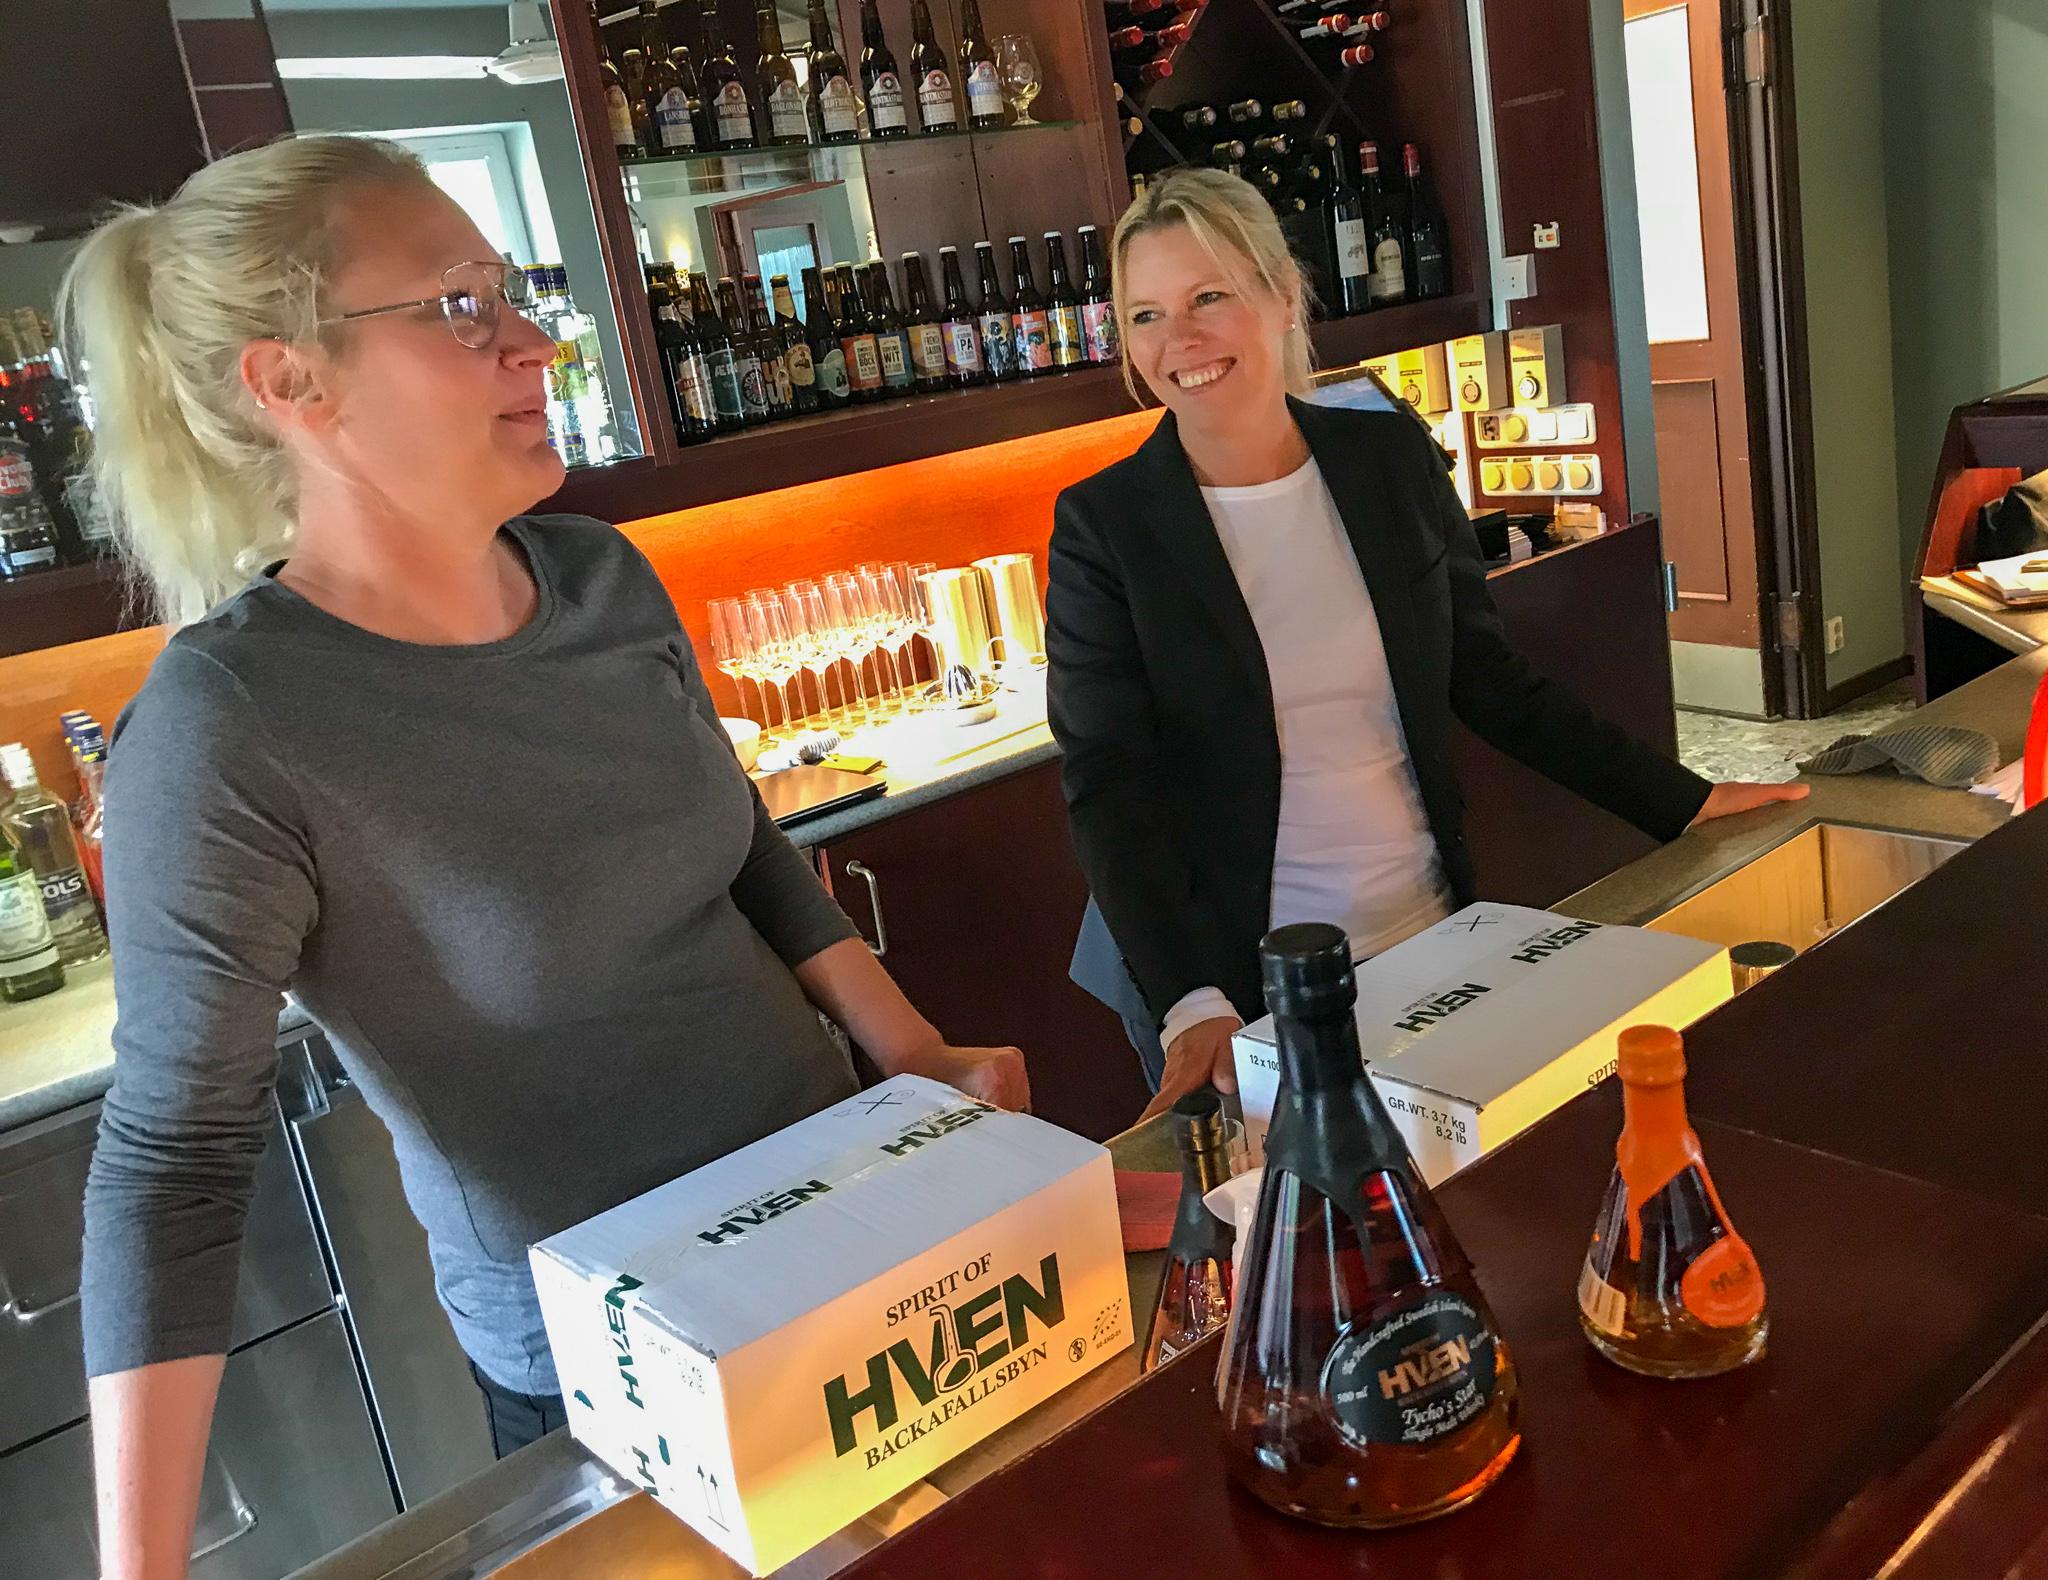 Krögarkompanjonerna bakom nysatsande Restaurang Pärlan, Kristin Lönngren och Katja Jakobson har satsat stort och jobbat hårt under våren inför nyöppningen 5 juni.